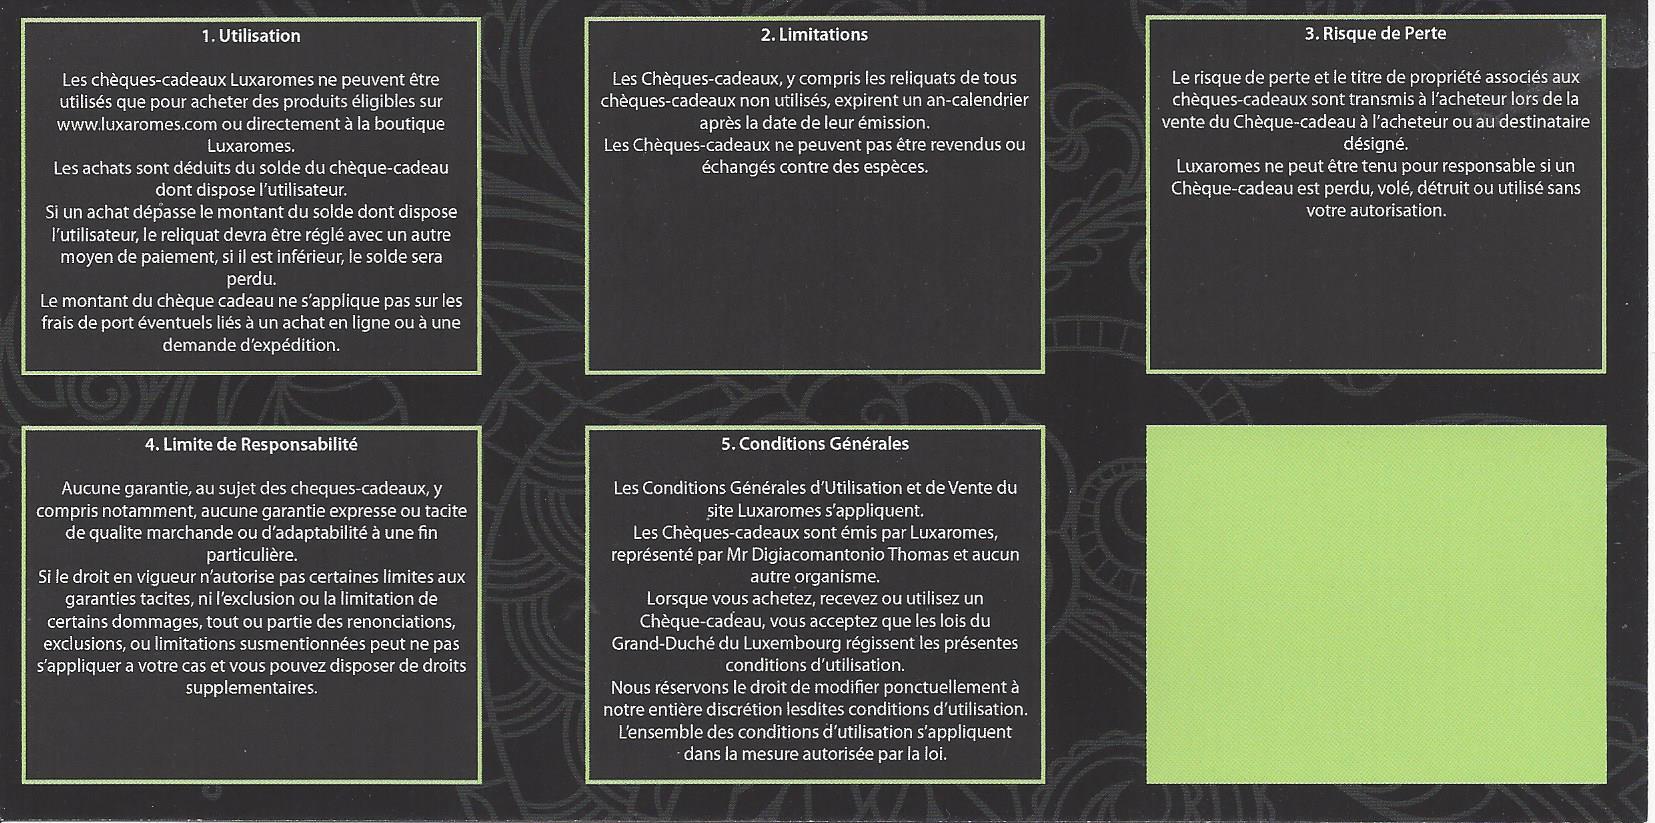 Chèque cadeau-Luxaromes- Conditions